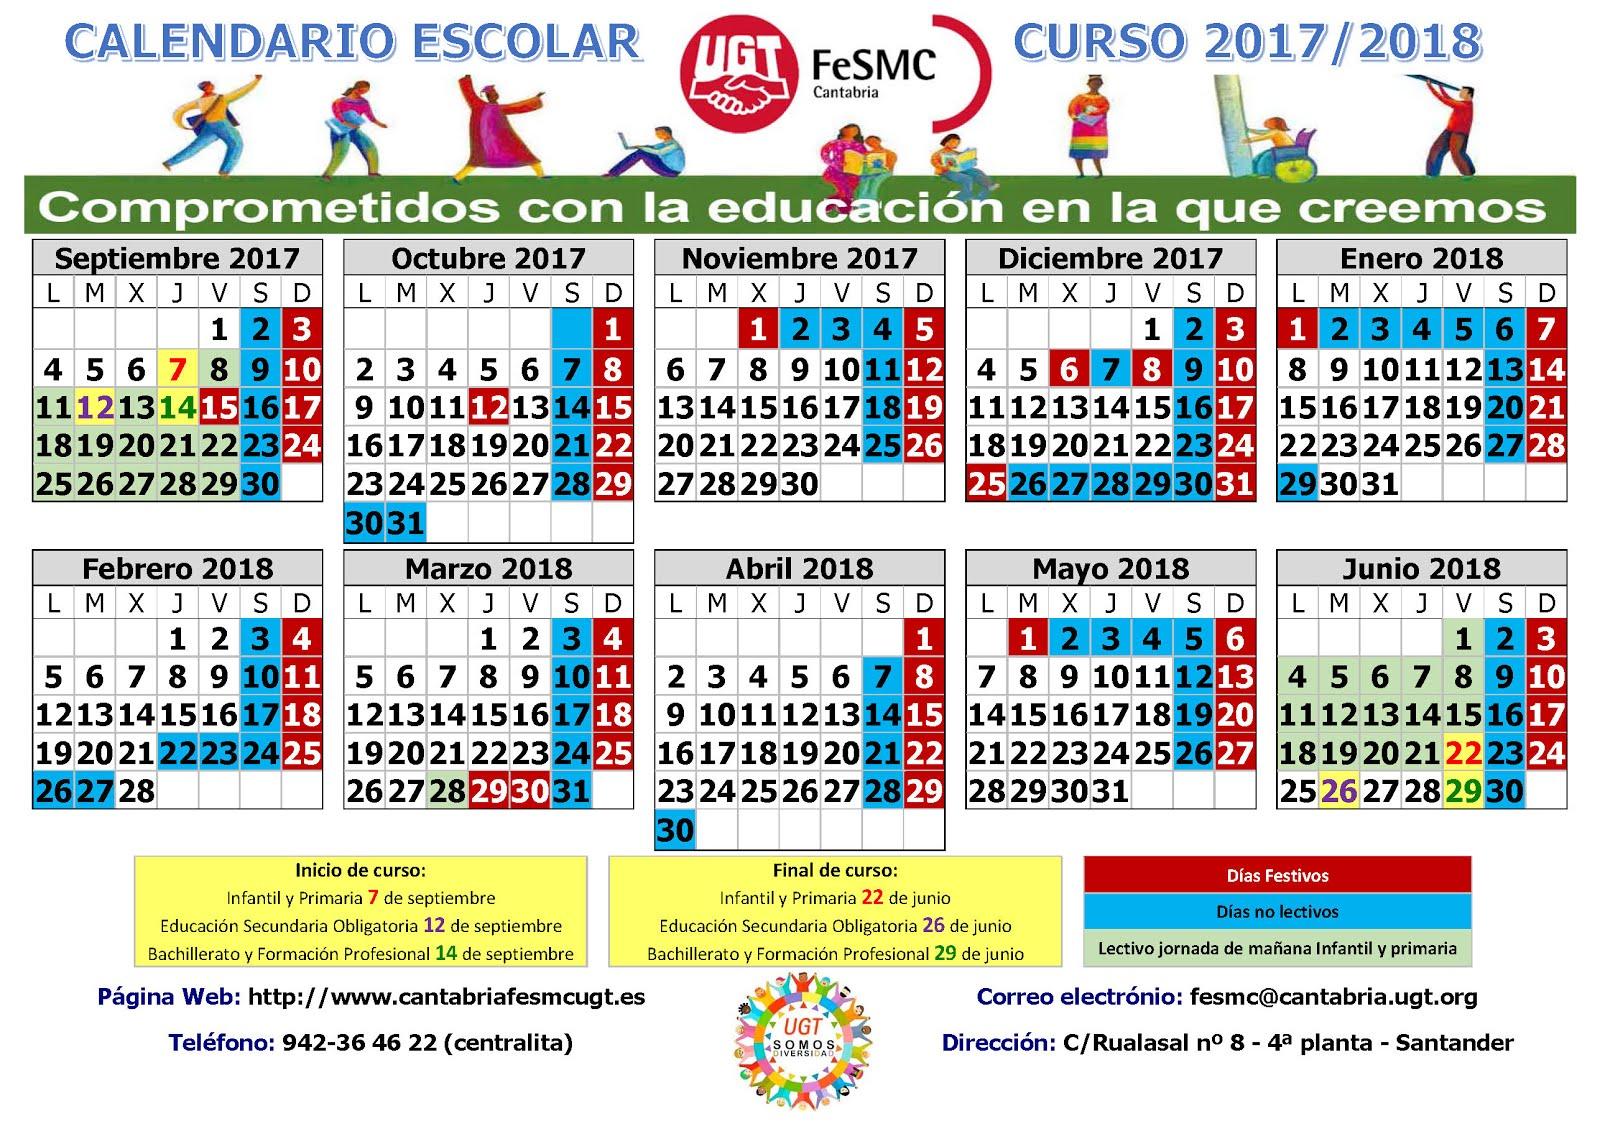 CALENDARIO ESCOLAR CURSO 2017/2018 CANTABRIA